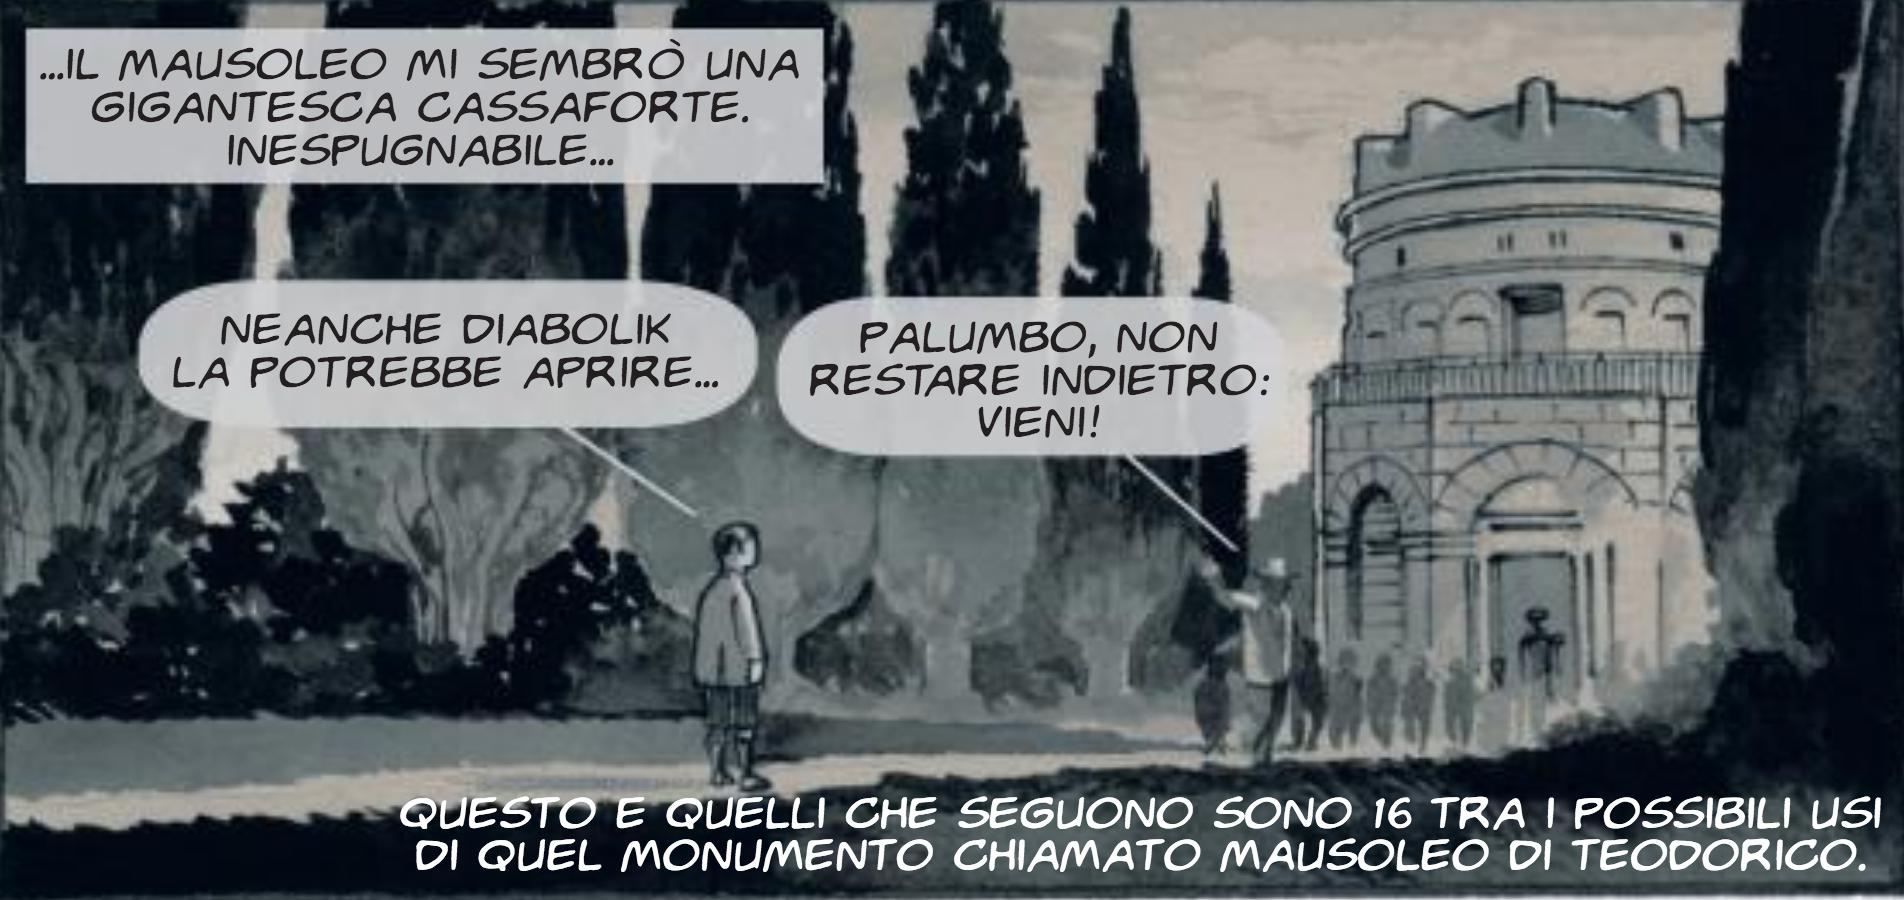 Fumetti (gratis) nei musei. La matita di Giuseppe Palumbo nel Mausoleo di Teodorico a Ravenna